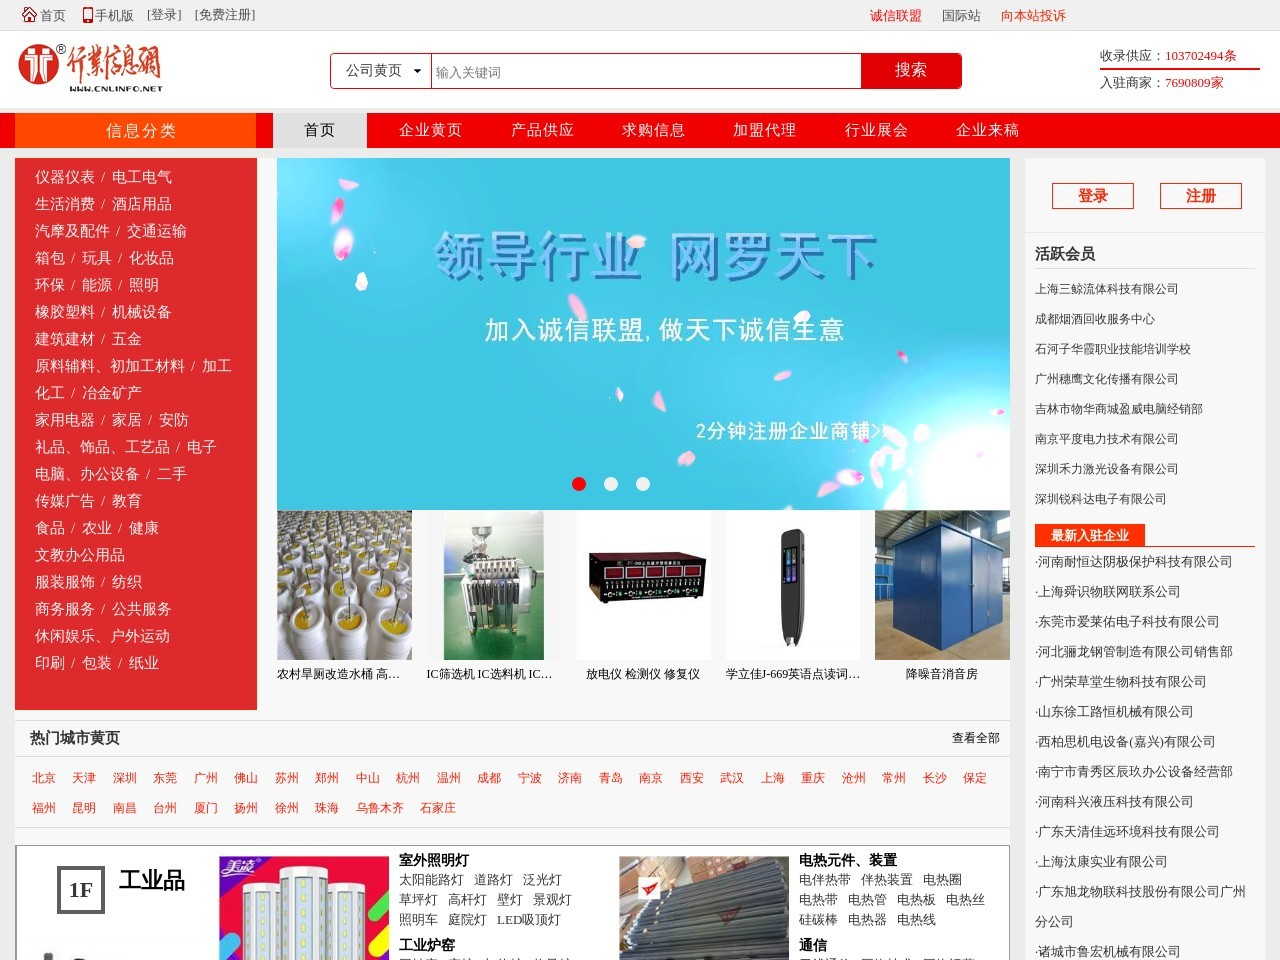 【电力】电力价格_电力批发 - 中国行业信息网